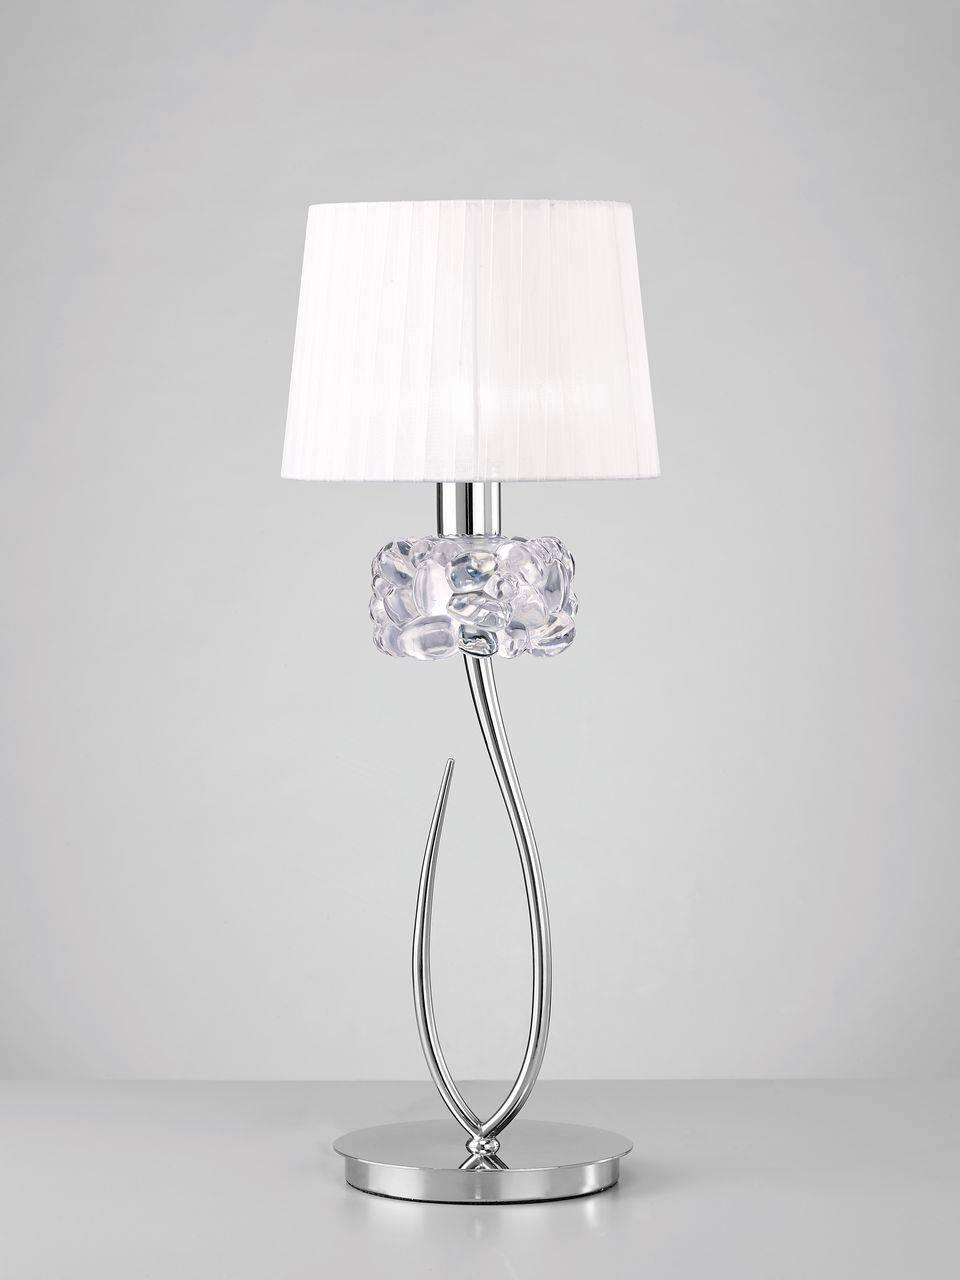 Настольная лампа Mantra Loewe 4636 настольная лампа mantra loewe 4636